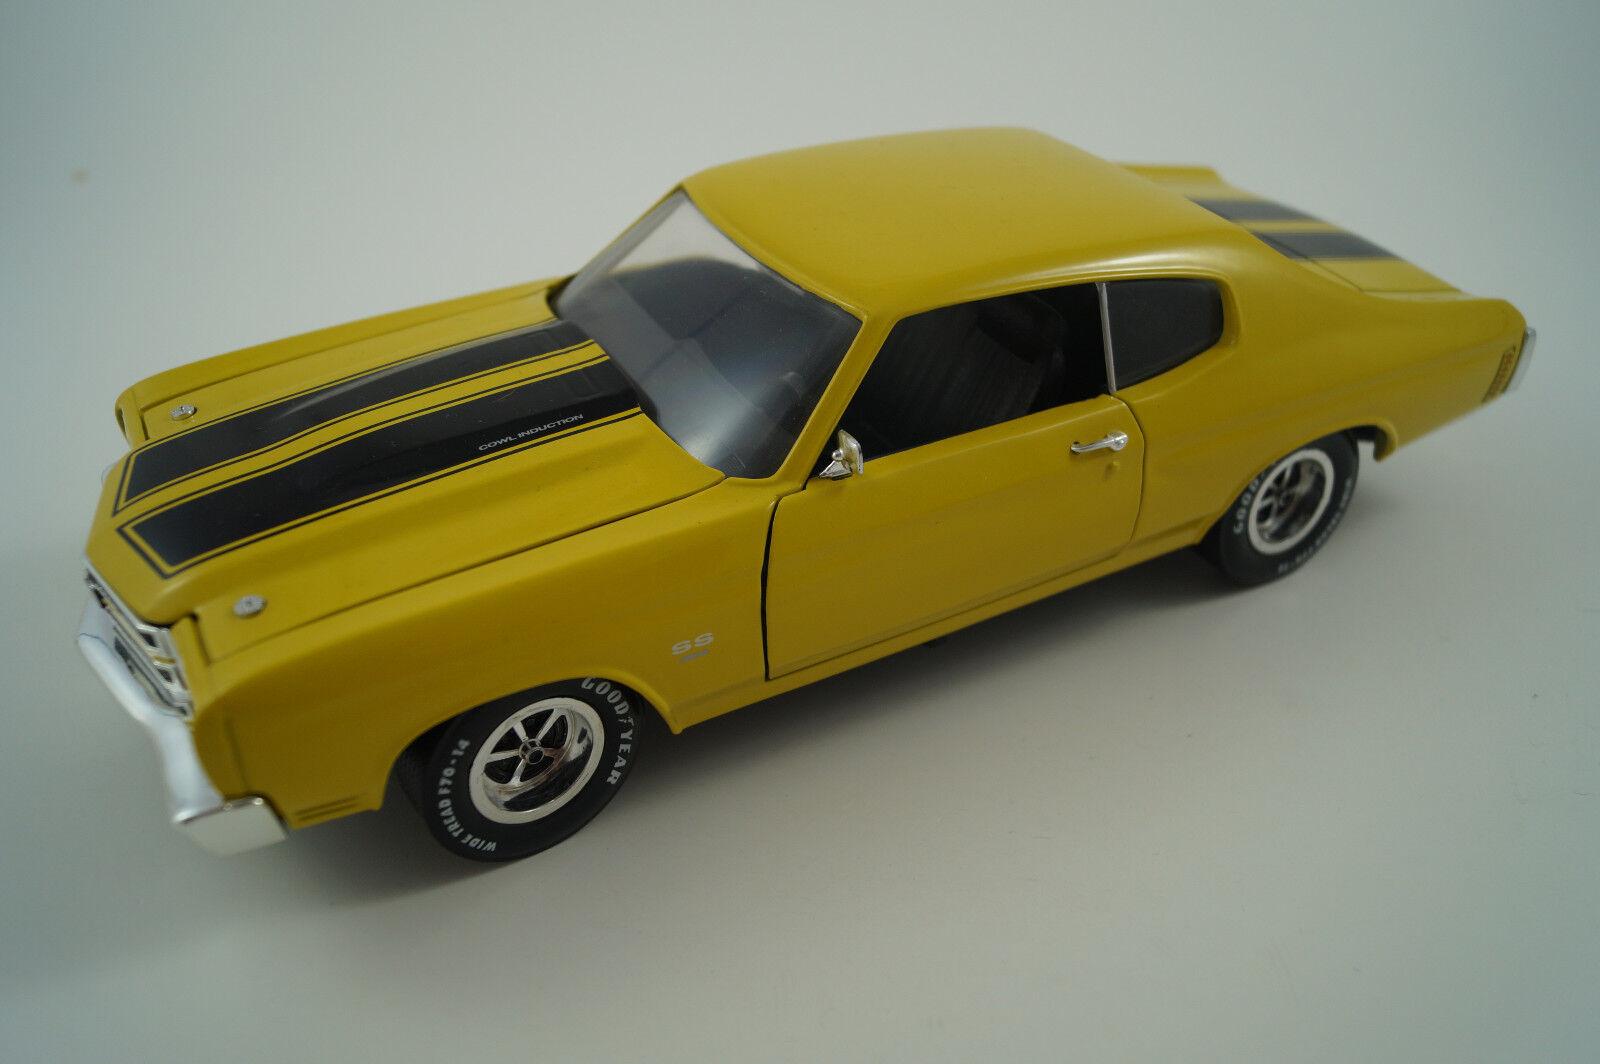 Ertl maqueta de coche 1 18 chevroelt Chevelle 1970